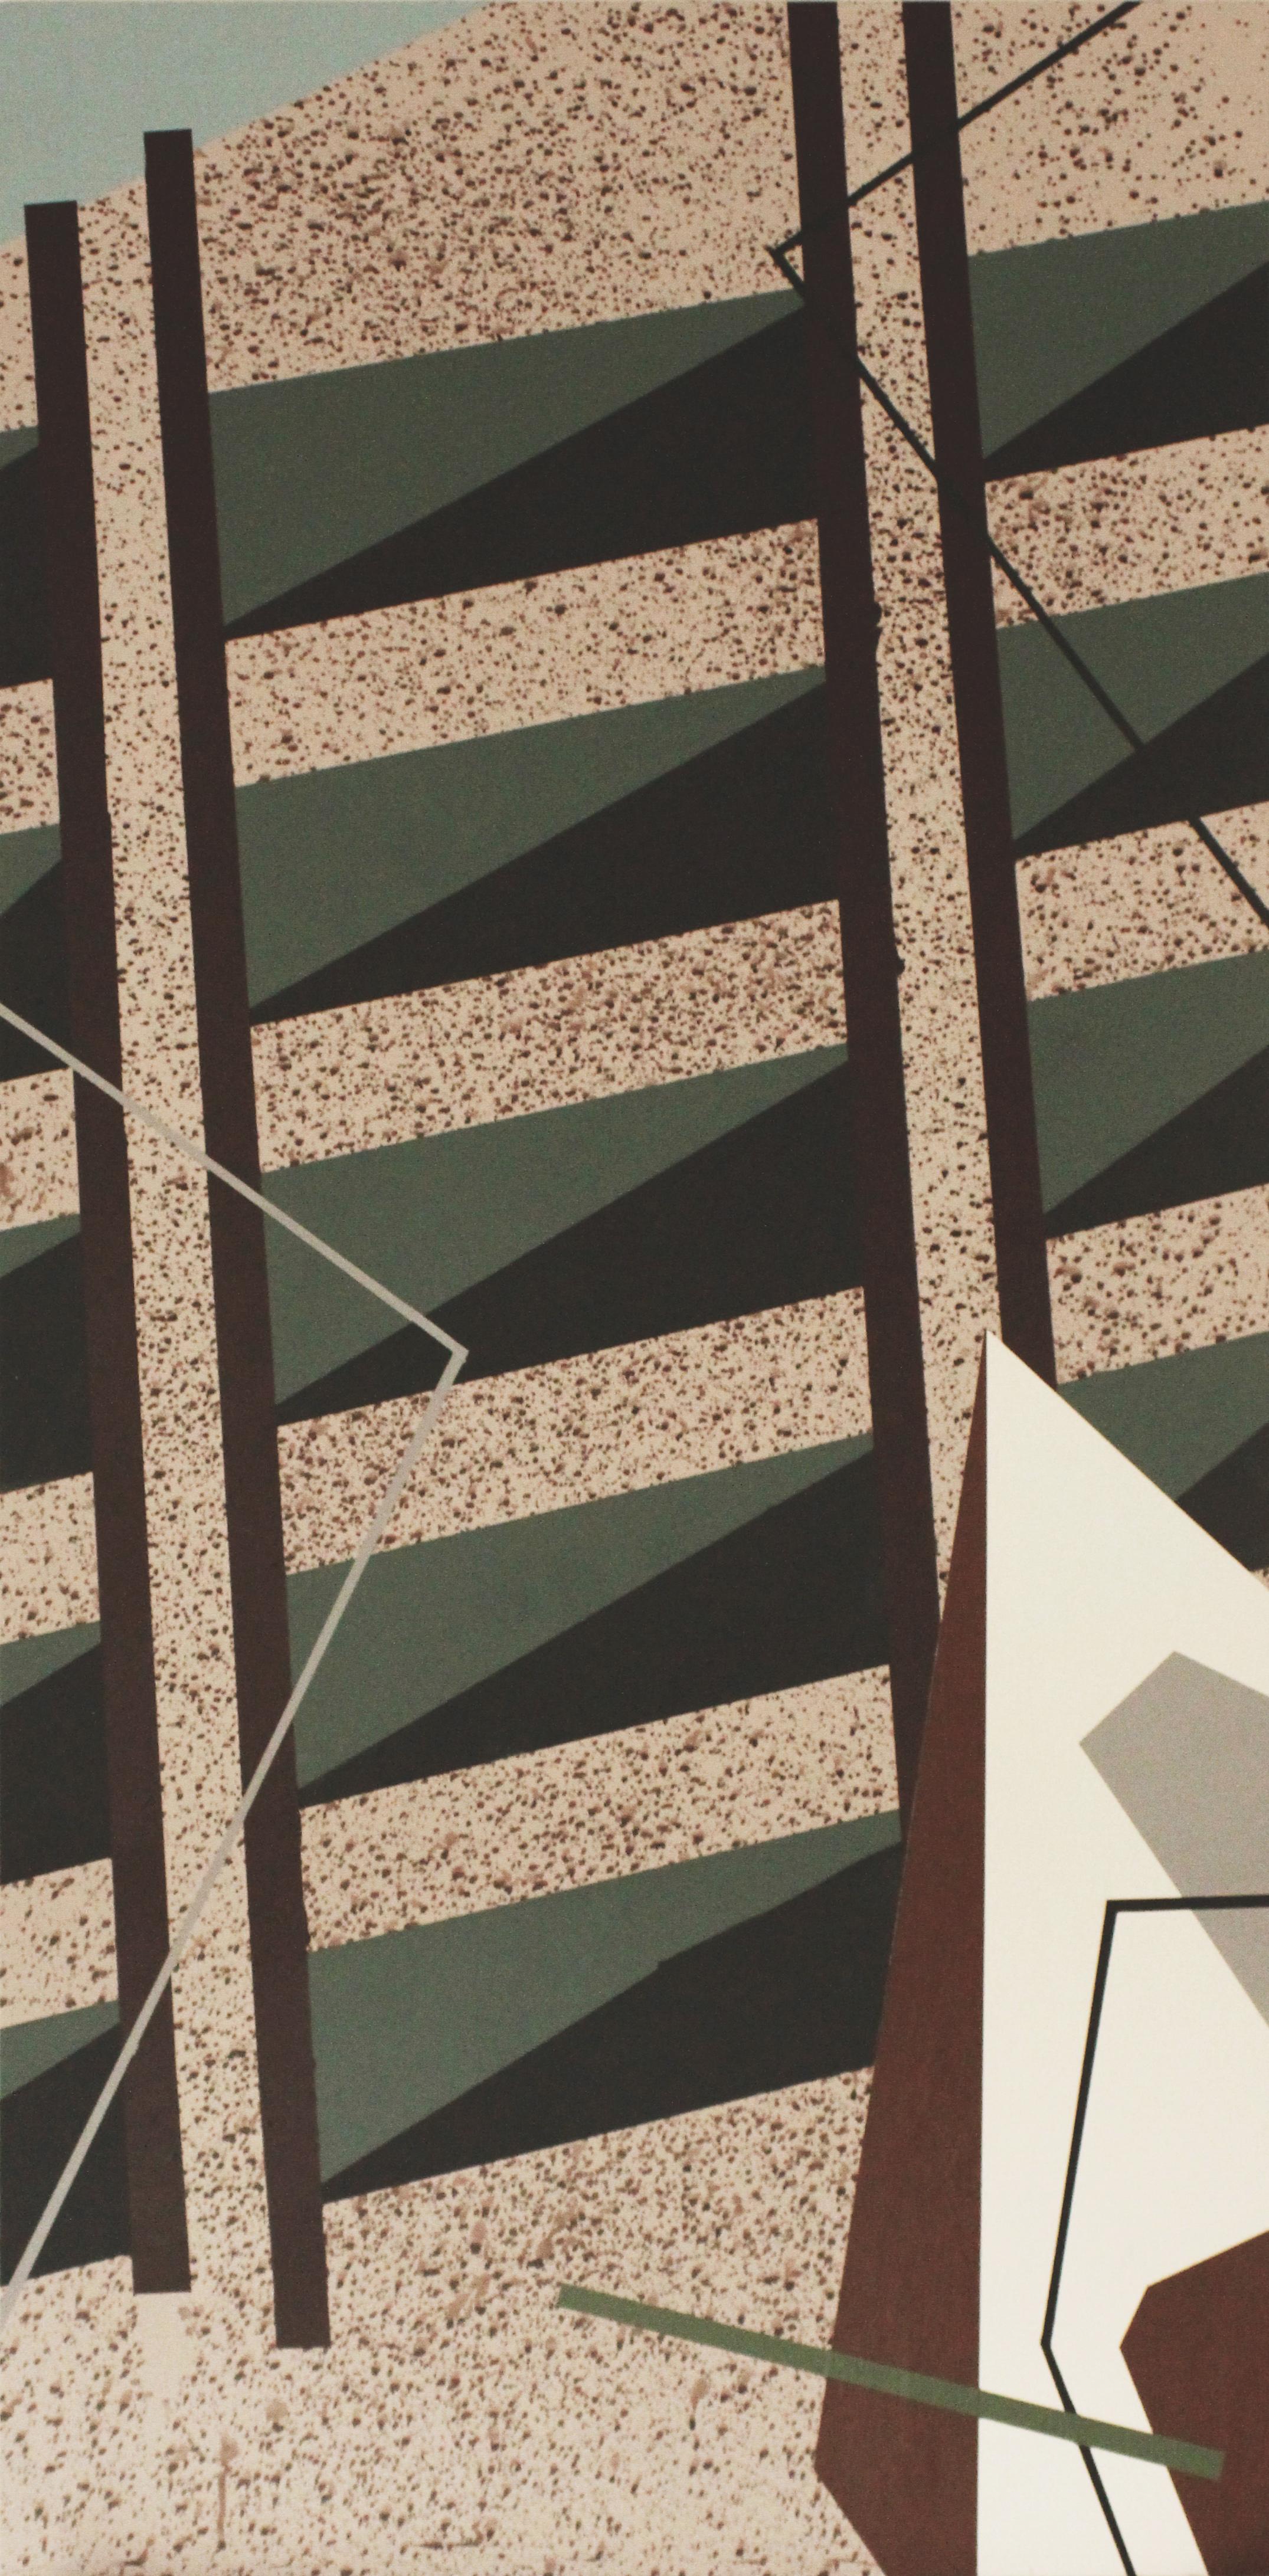 Union building • Adeilad Undeb (2017)